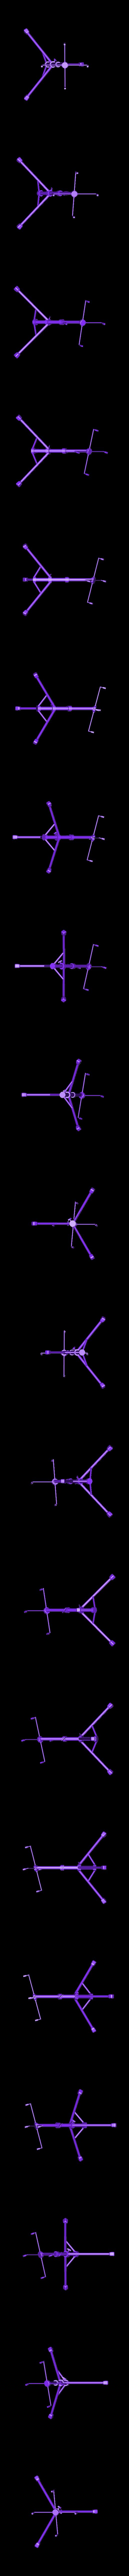 14 X 5 Stand.stl Télécharger fichier STL gratuit Maquette de la batterie • Objet pour impression 3D, itzu